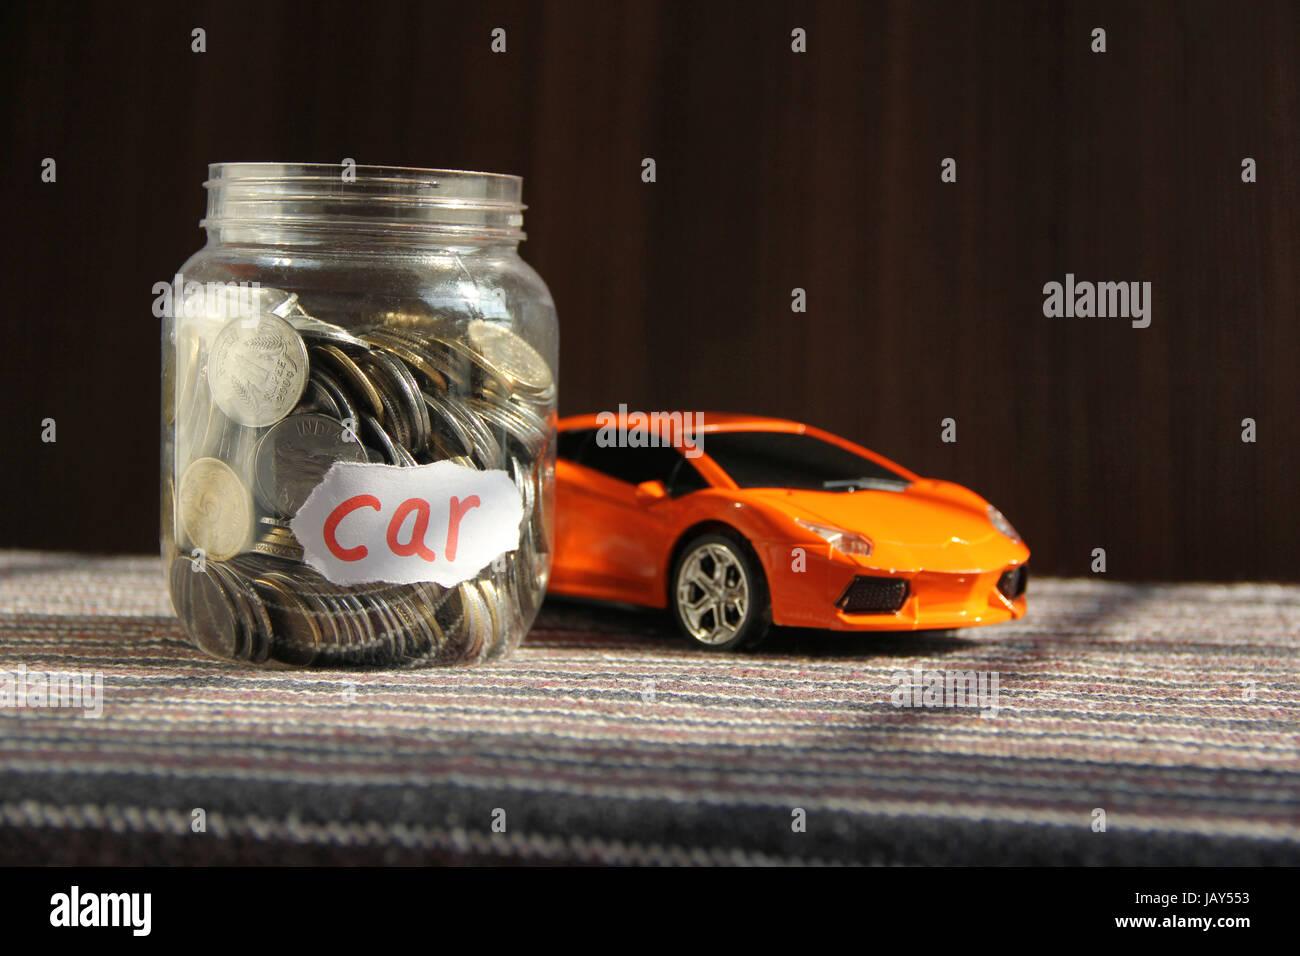 Münzen in Geld Glas mit Auto Aufkleber, Finanzen Konzept Stockbild